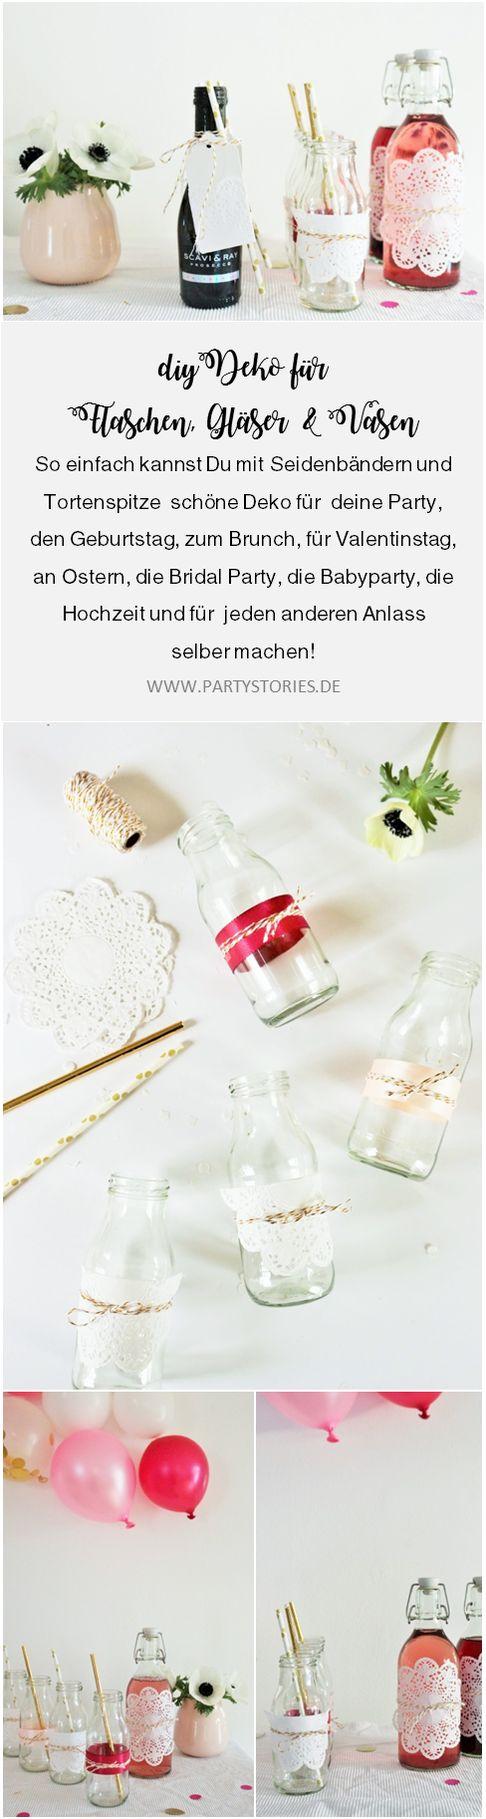 DIY Deko Ideen für die Party und die Hochzeit mit Tortenspitze und Seidenband // So einfach kannst Du Tischedeko, Vasen, Flaschen und Gläser mit Tortenspitze und Seidenbändern für jeden Anlass schön machen: gefunden auf www.partystories.de